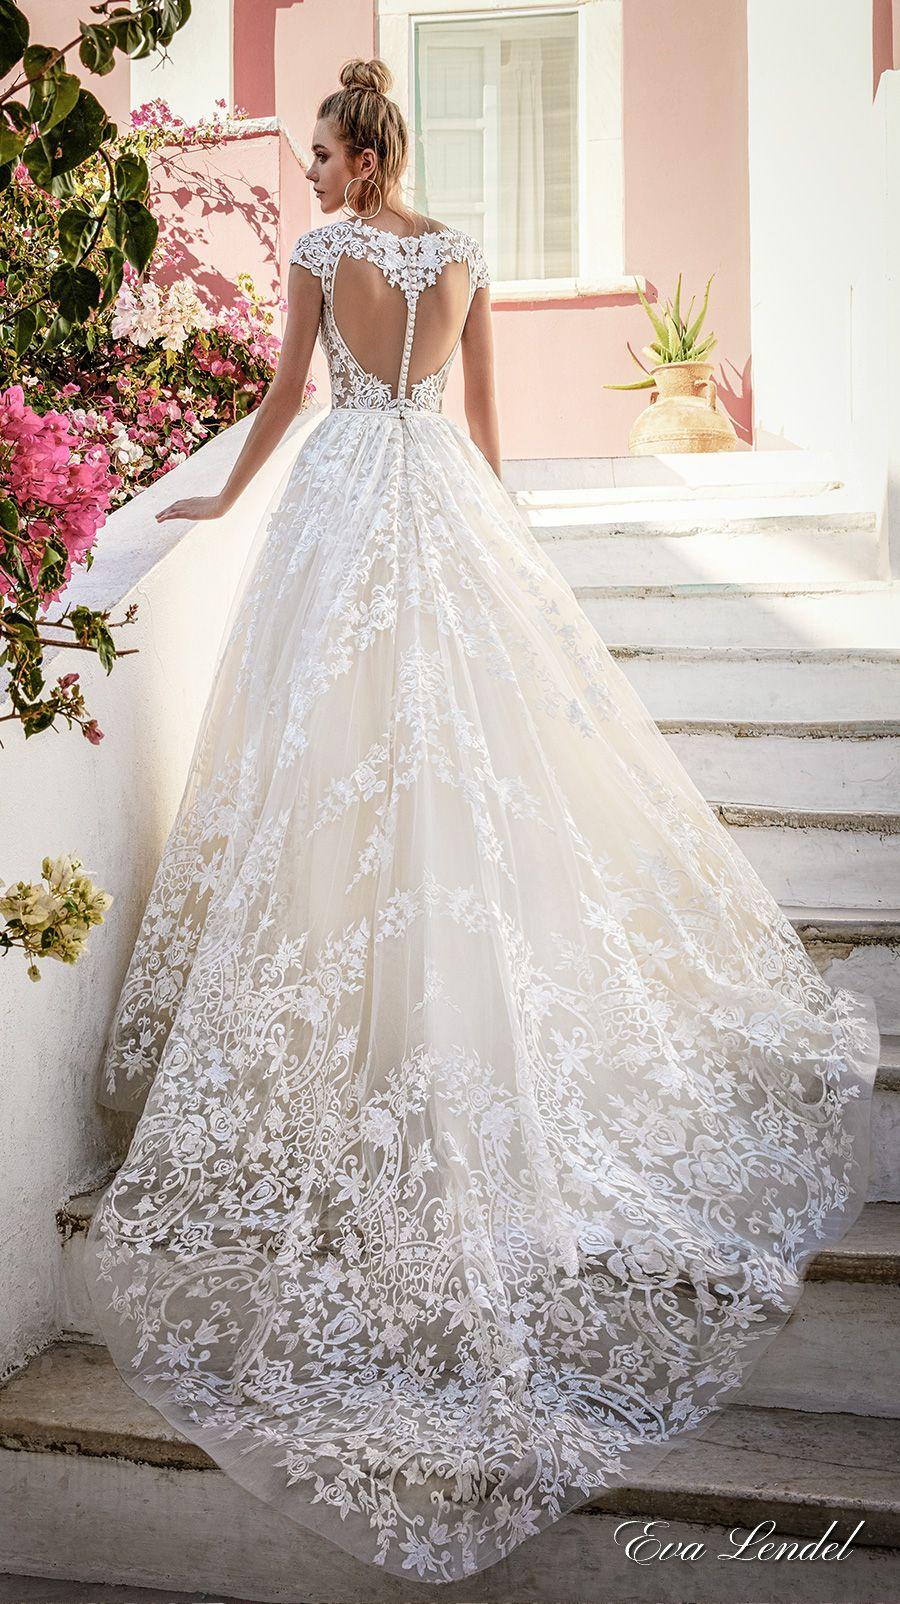 Eva lendel 2017 wedding dresses santorini bridal for Wedding dresses for brides